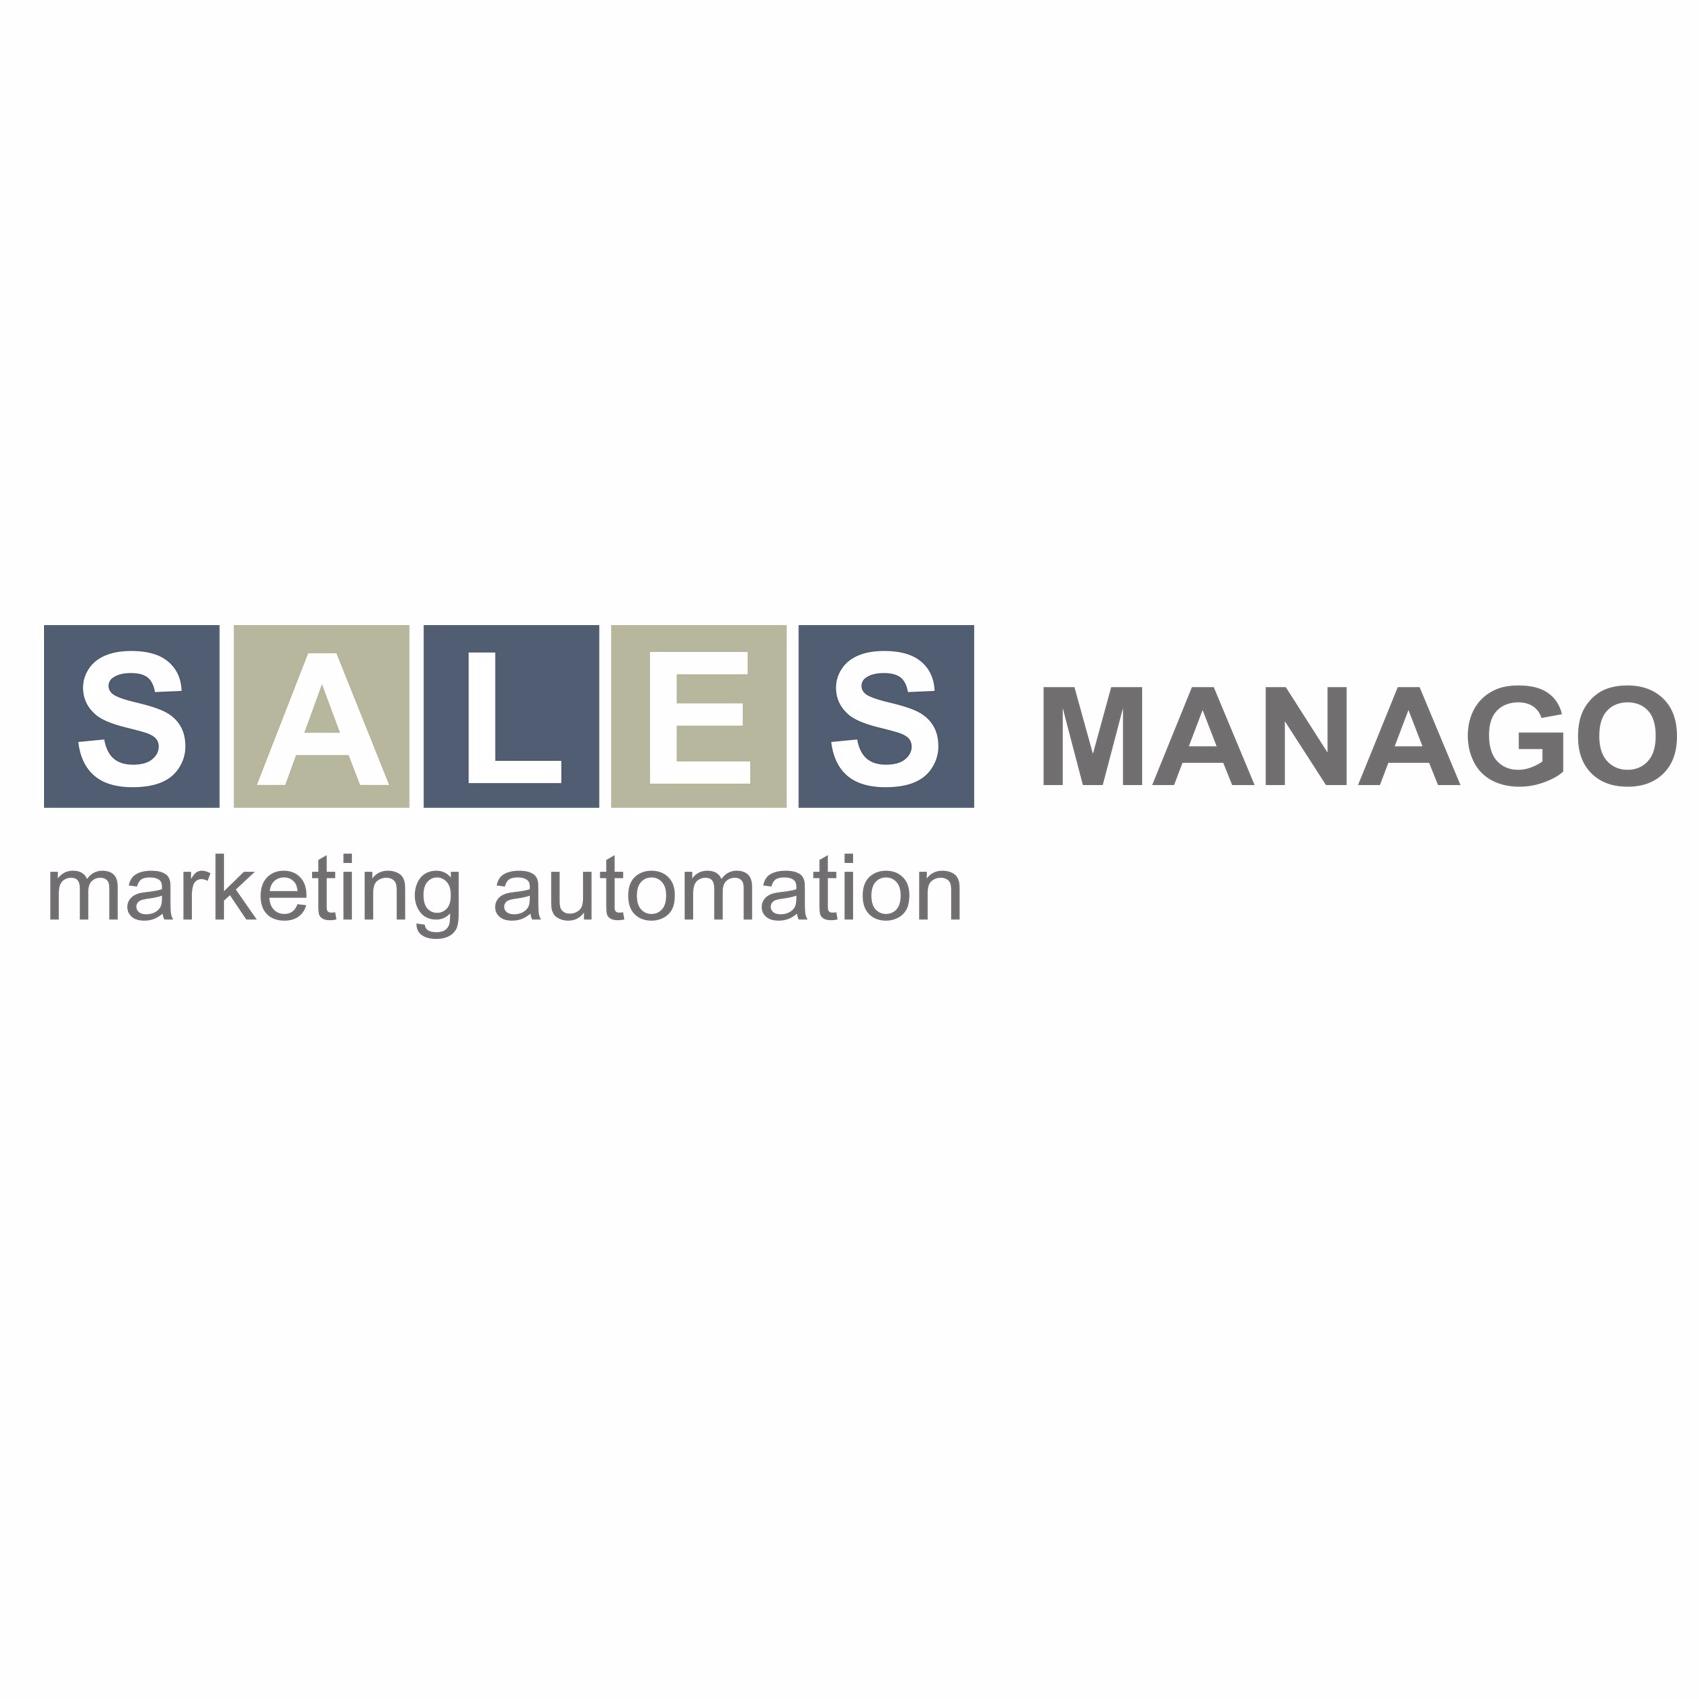 Salesmanago 1503489224 logo